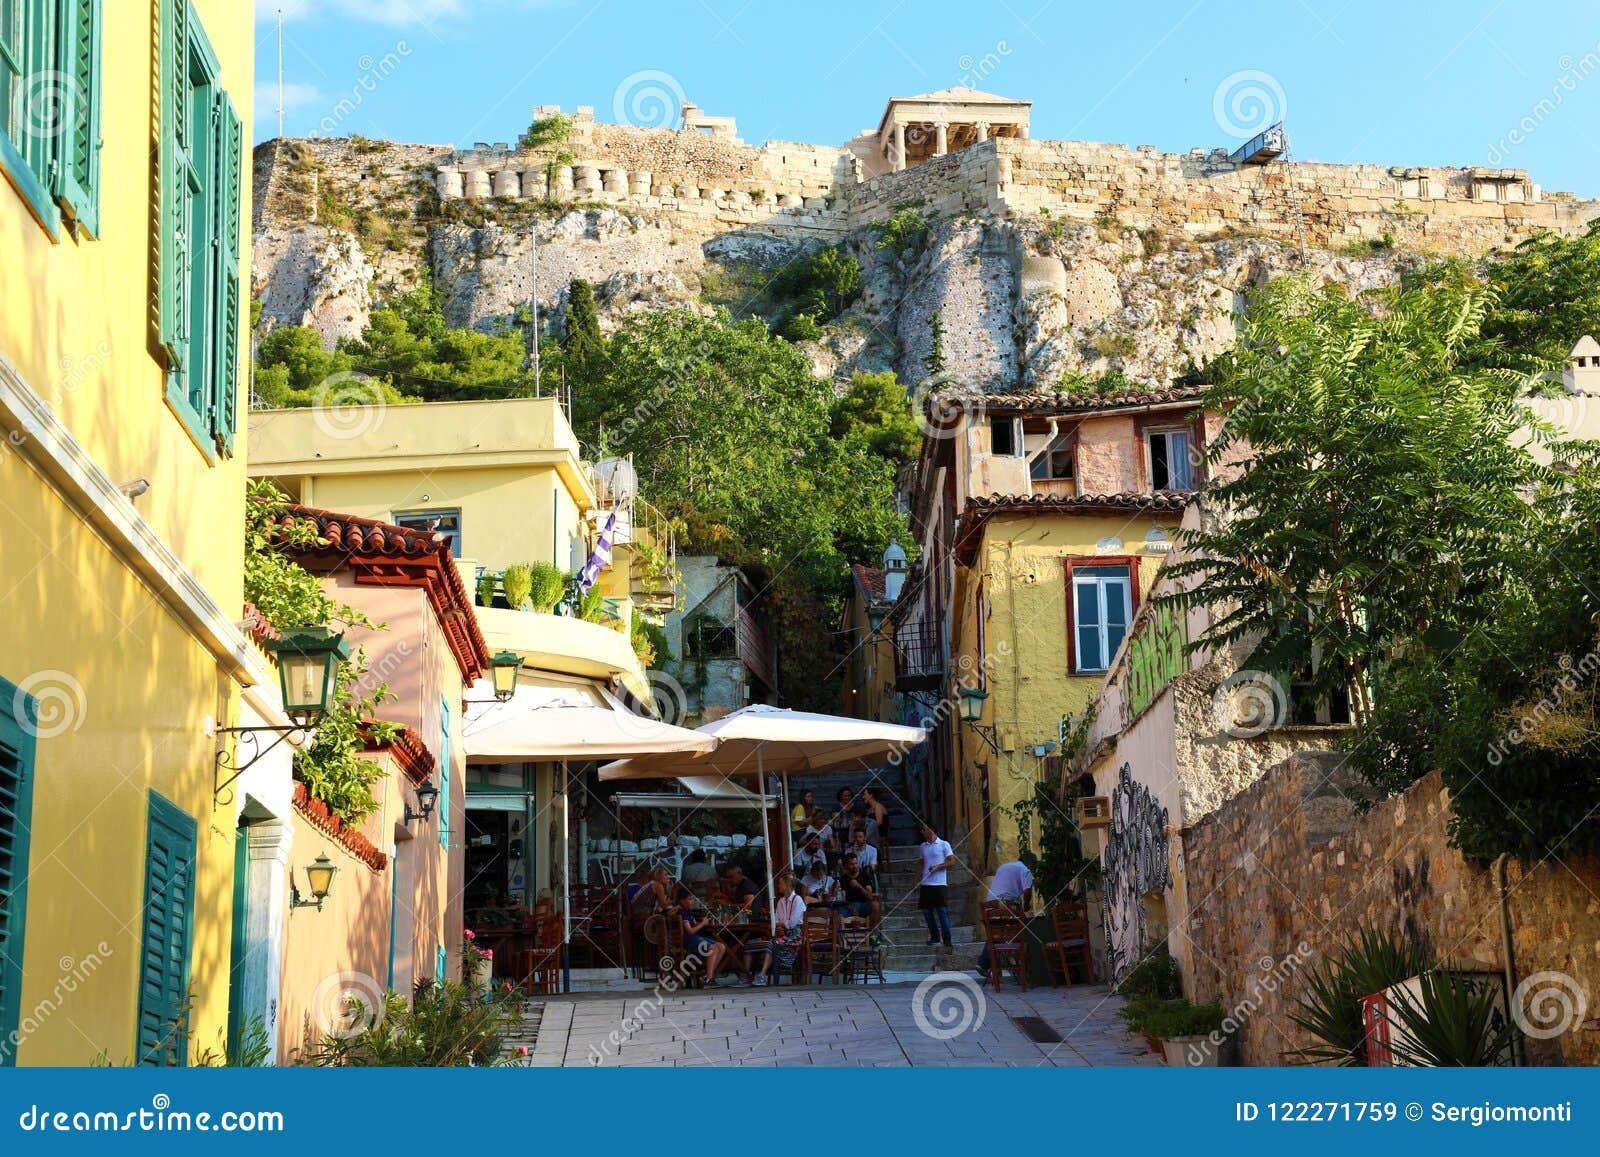 雅典,希腊- 2018年7月18日:有纪念碑和寺庙的,雅典,希腊舒适希腊街道